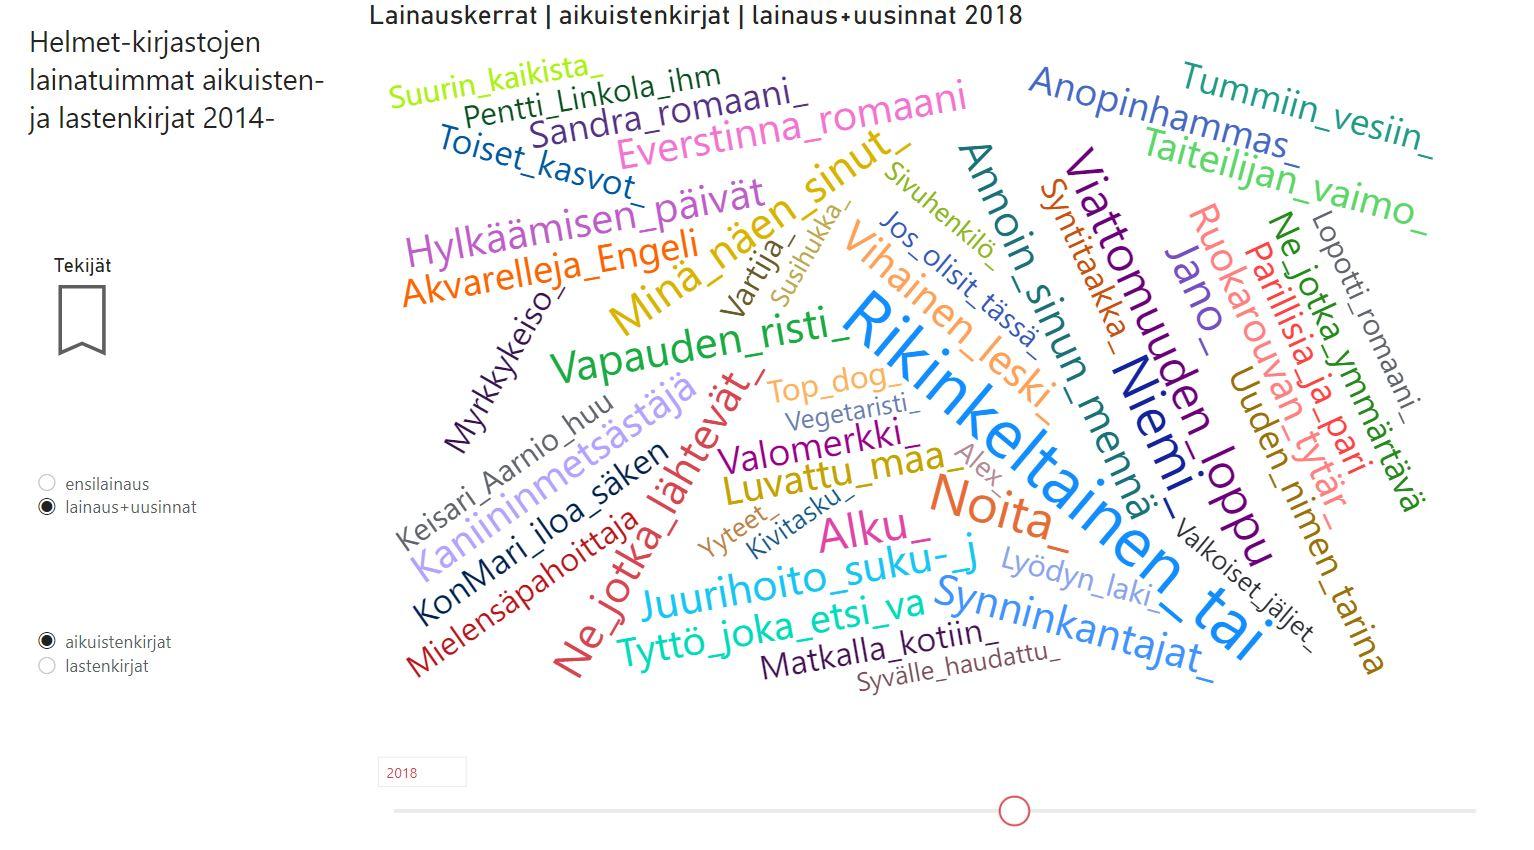 helmet-kirjastojen-lainatuimmat-aikuisten-ja-lastenkirjat-2014